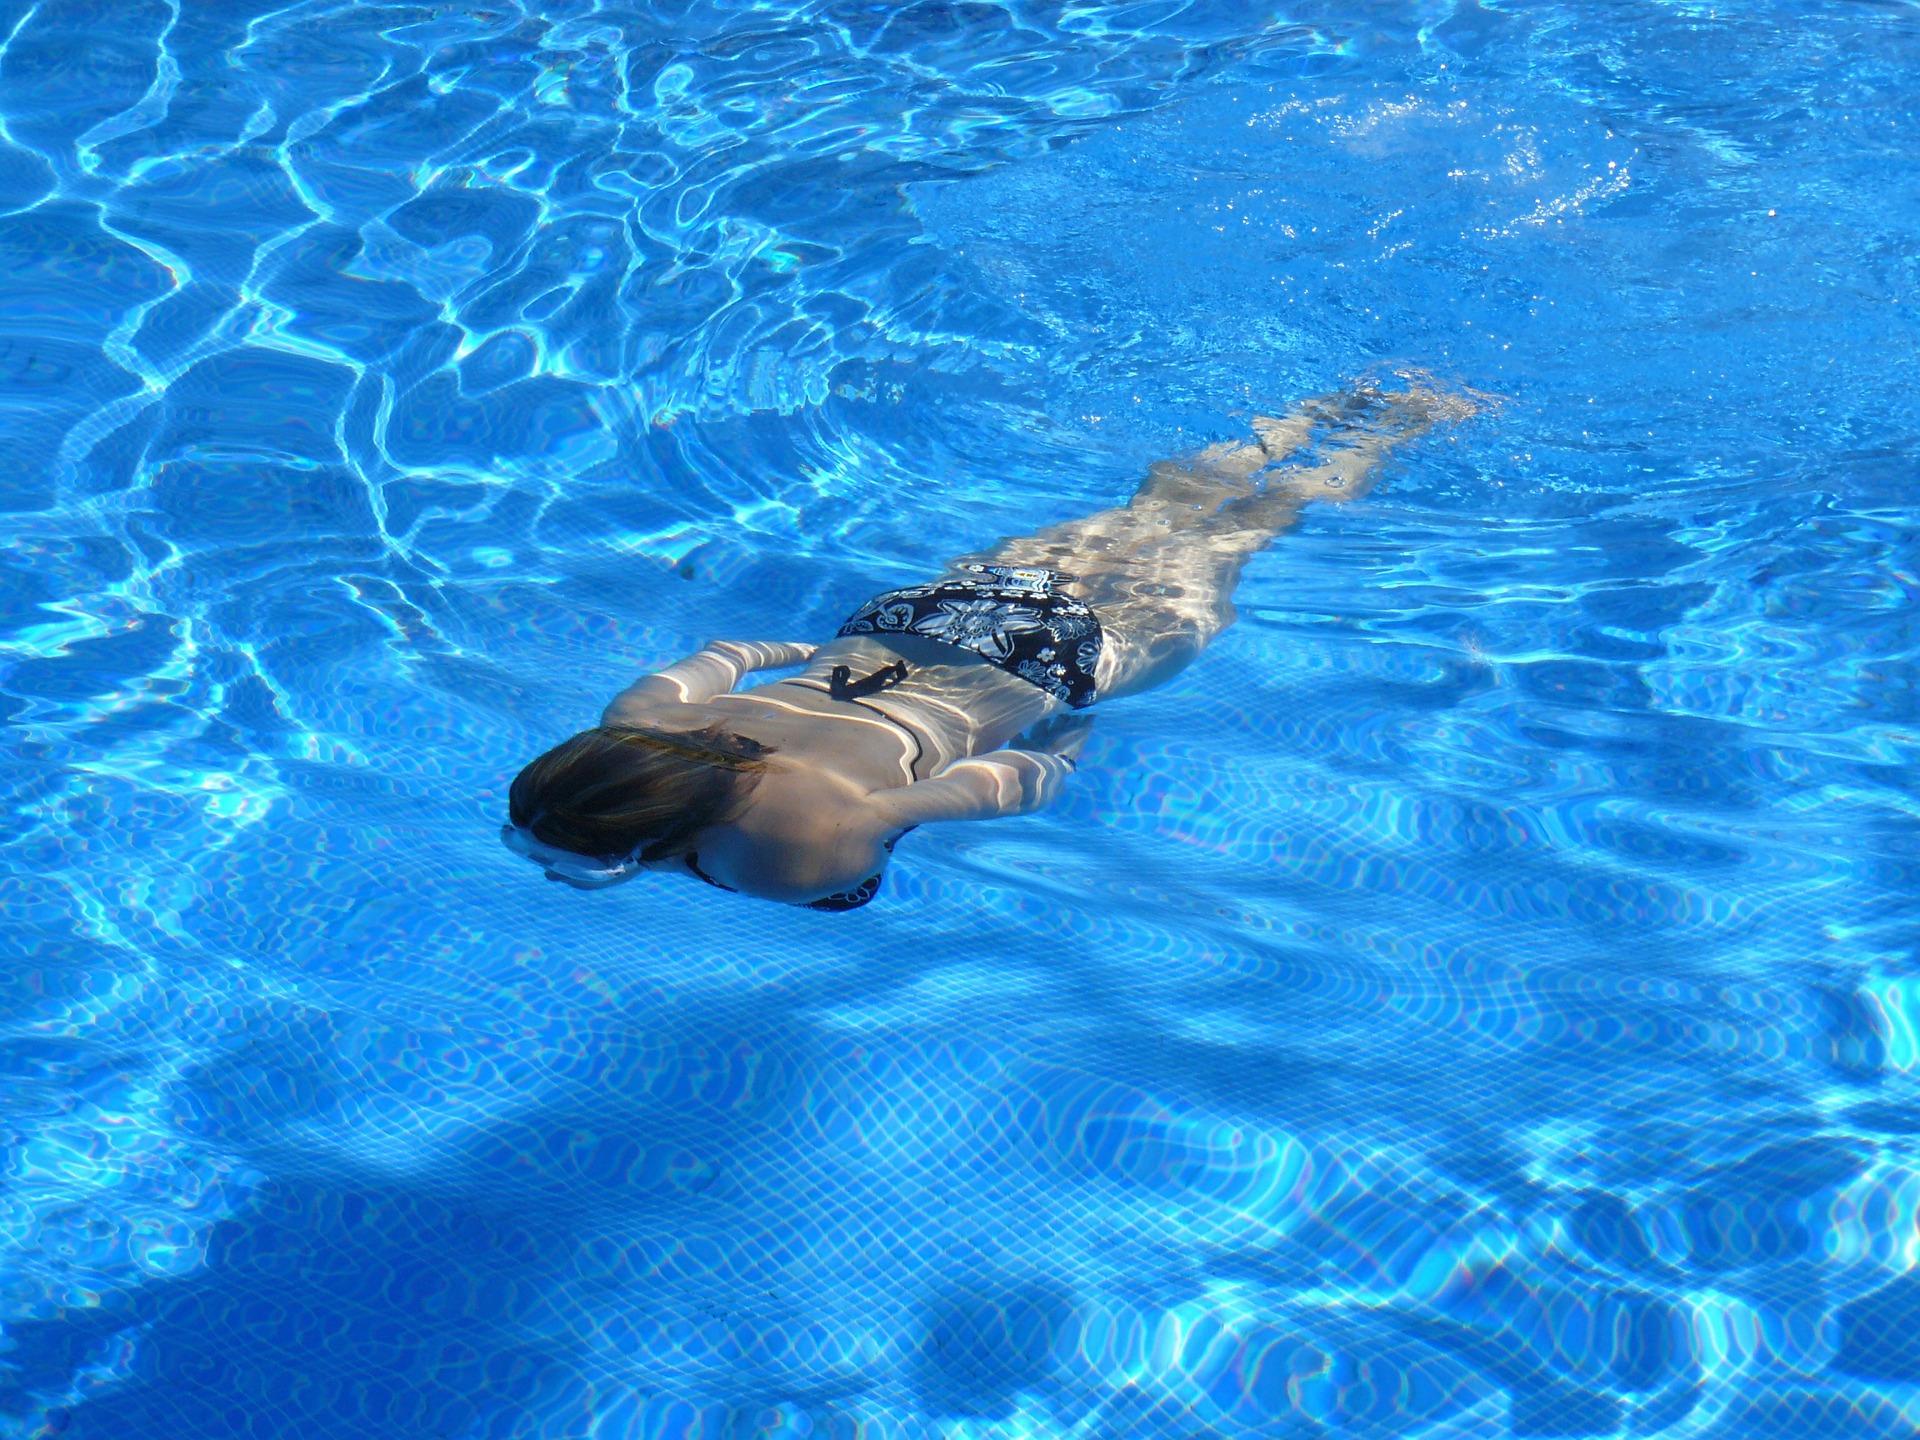 la natation un sport aux multiples avantages